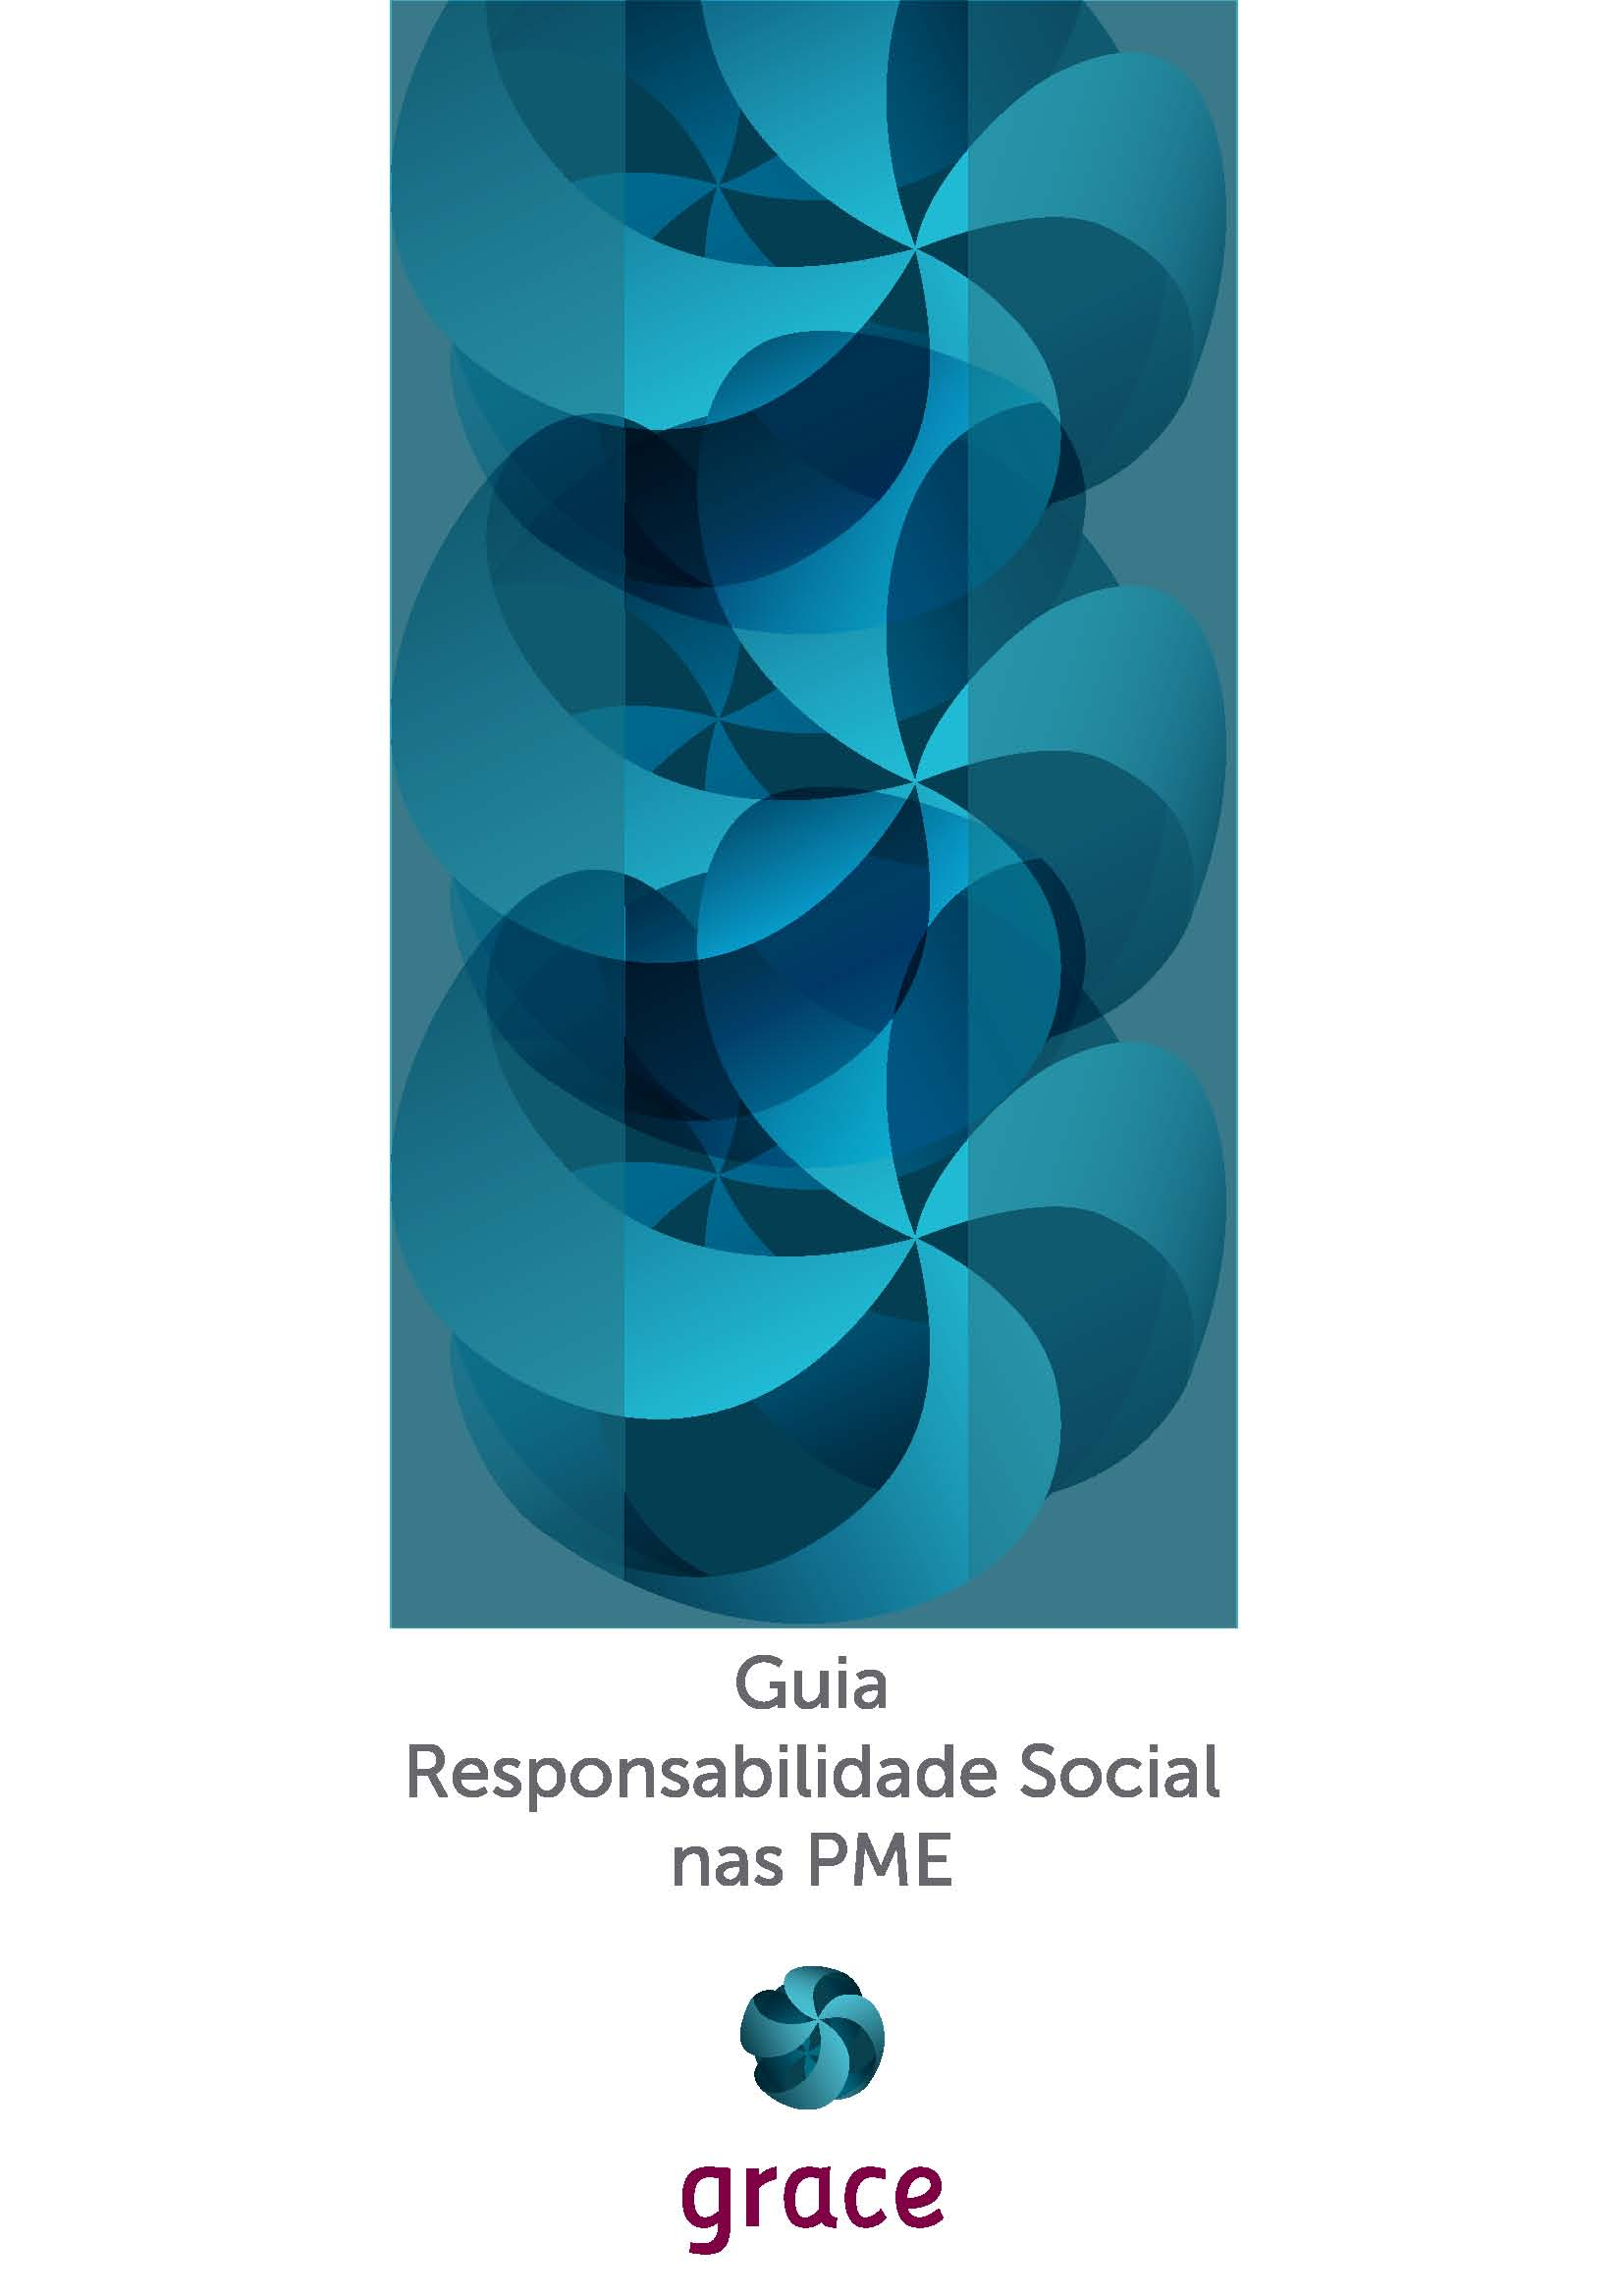 Guia Responsabilidade Social nas PME (2014)